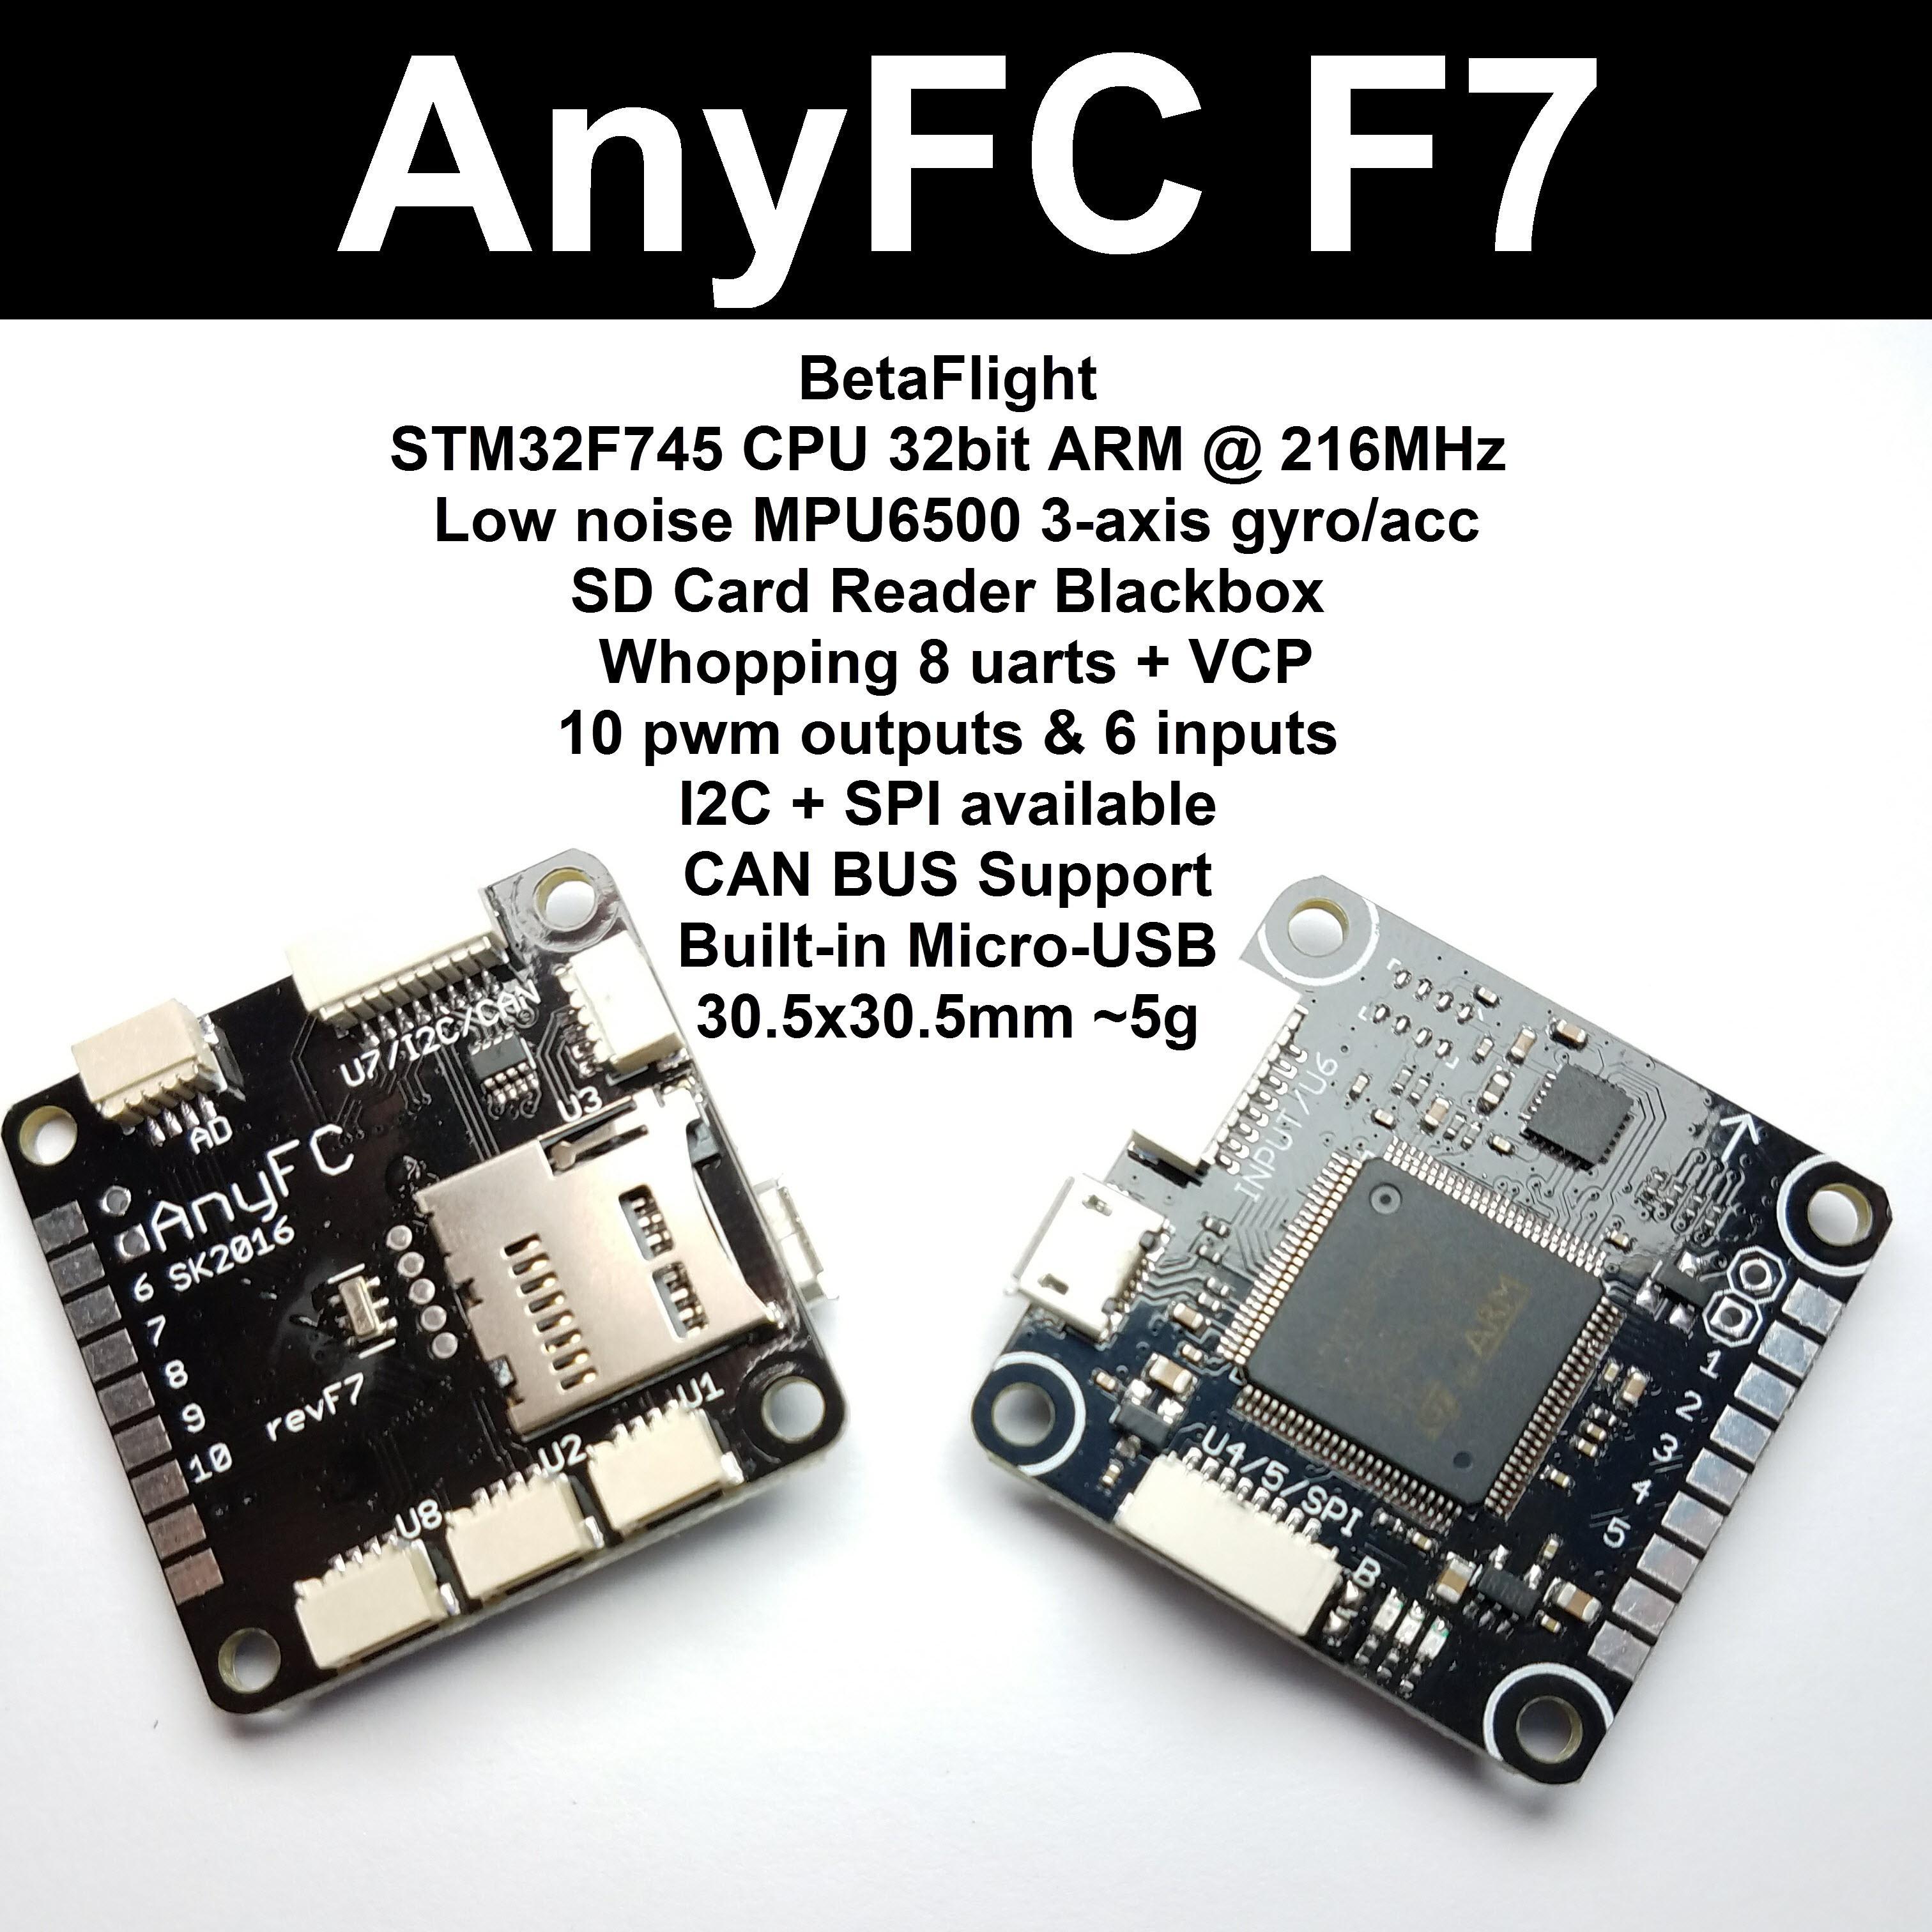 FC con un procesador F7